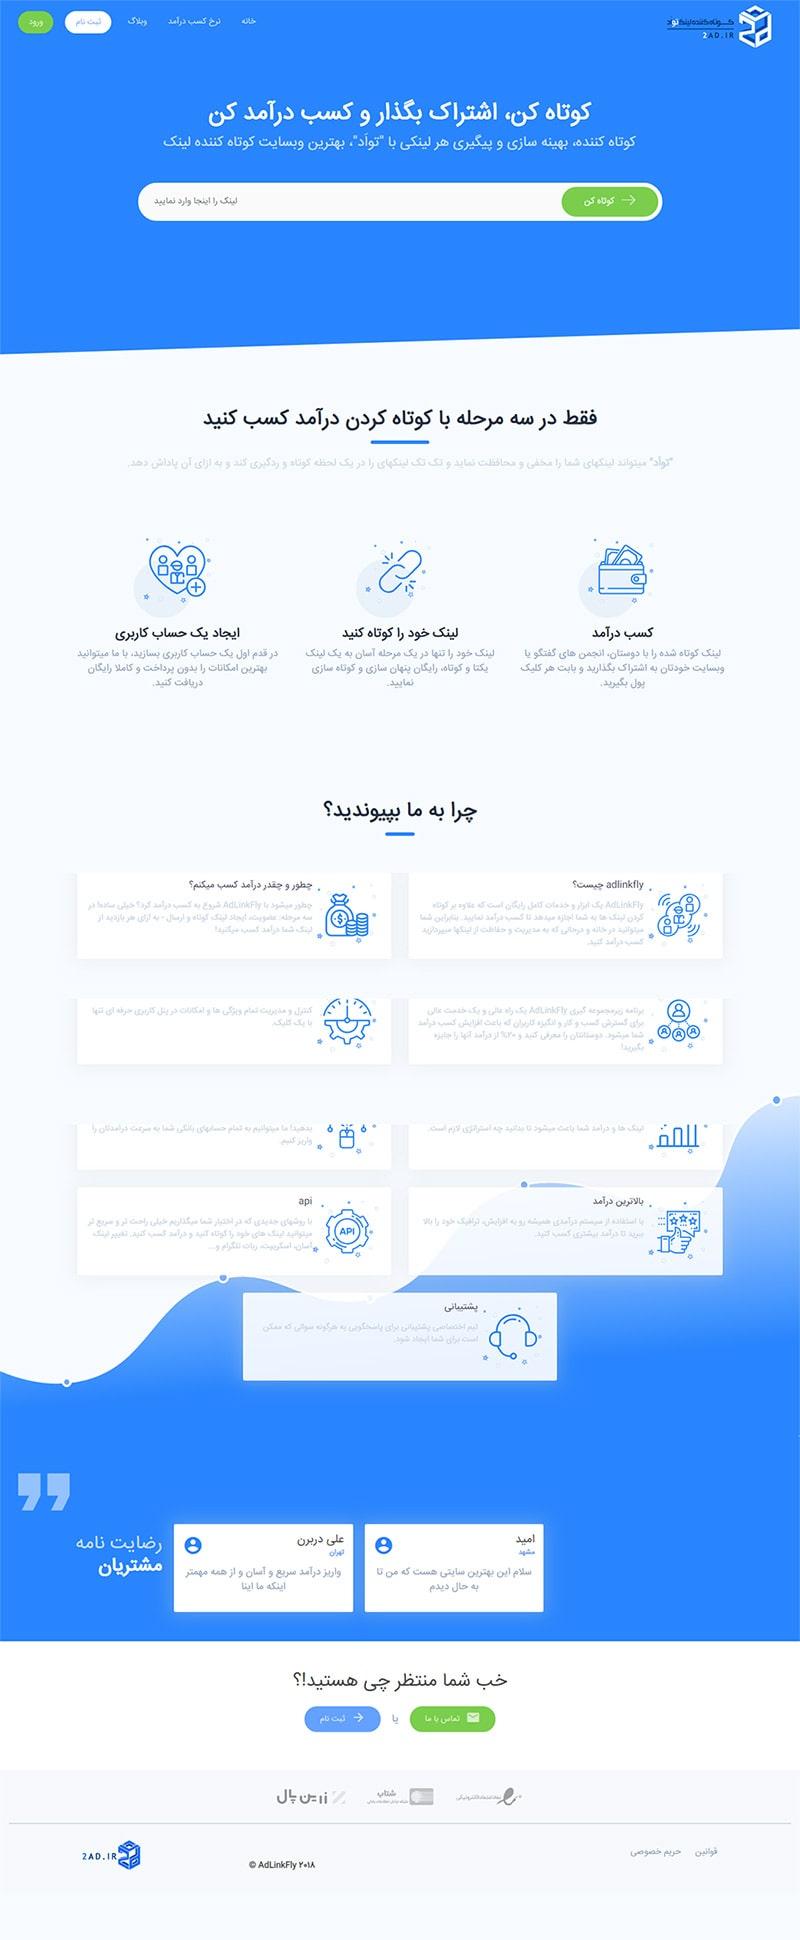 قالب کوتاه کننده لینک CutURL پوسته اسکریپت AdLinkFly | راست چین